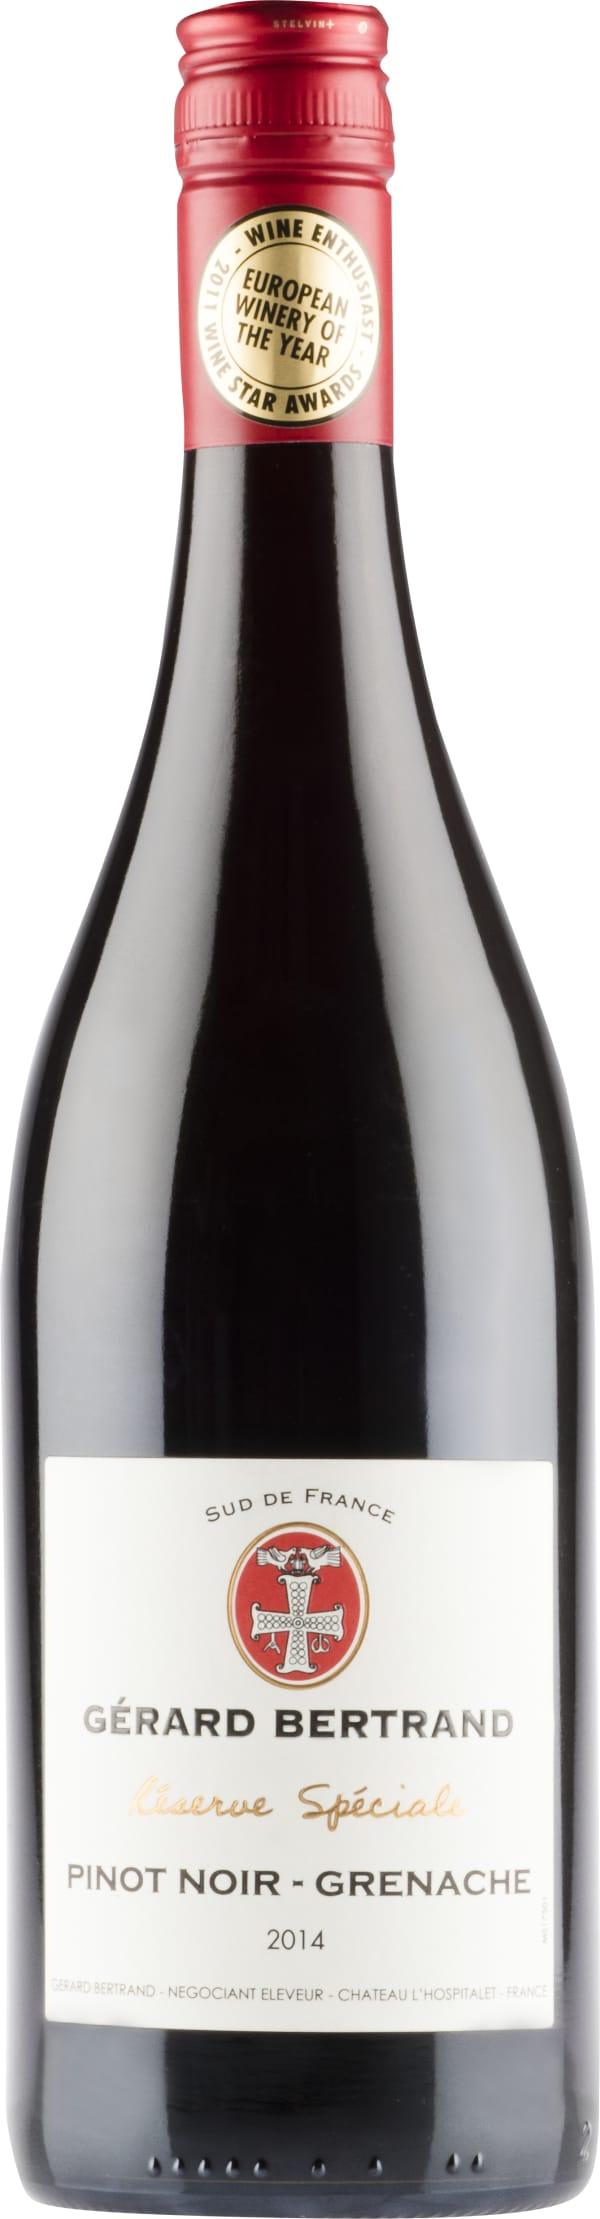 Gérard Bertrand Réserve Spéciale Pinot Noir Grenache 2015